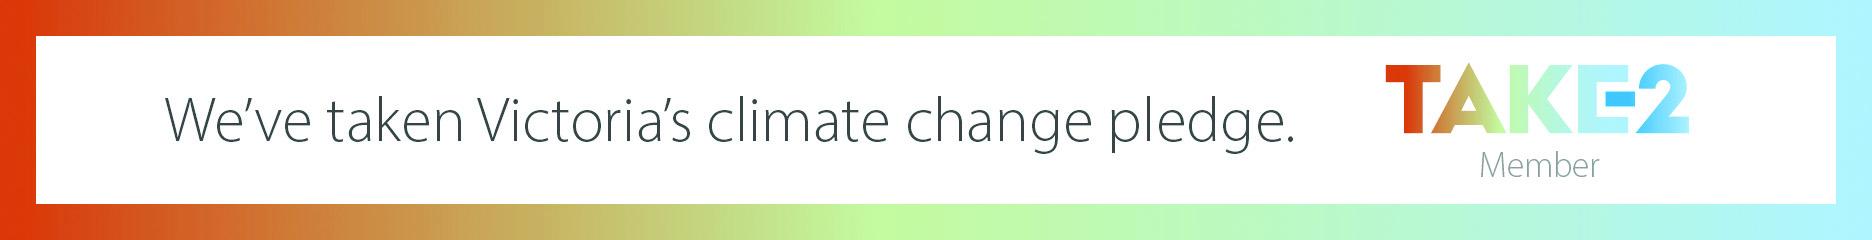 Take-2 Victoria Climate Change